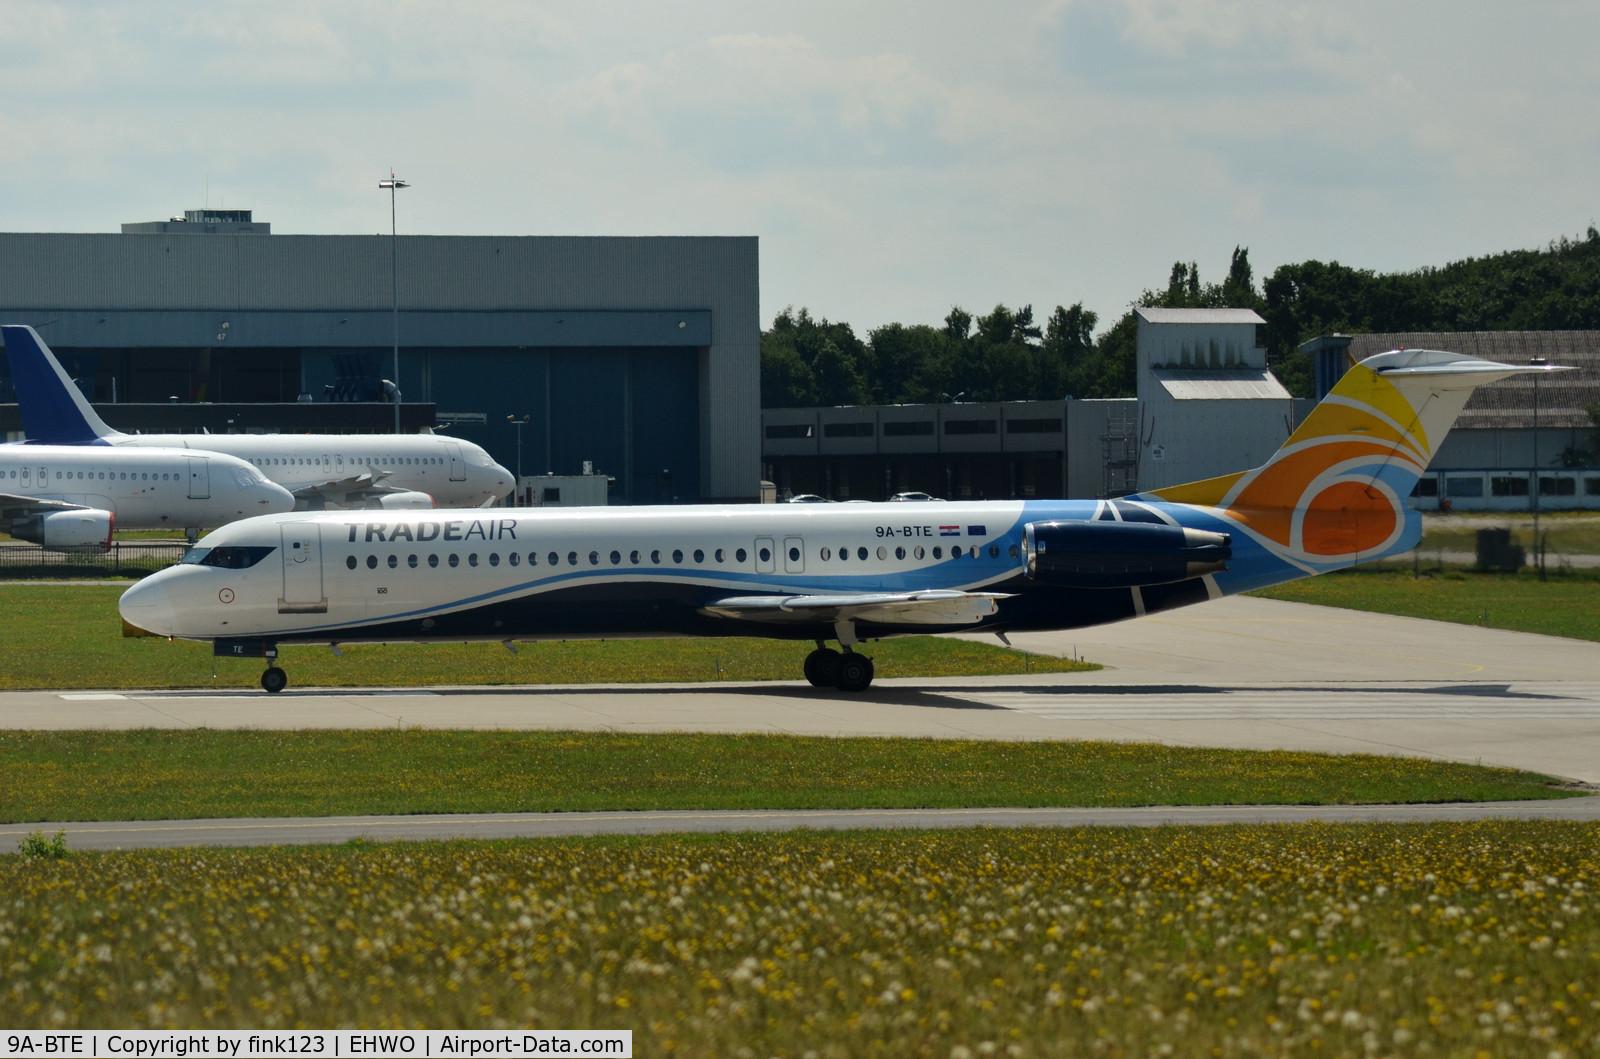 9A-BTE, 1992 Fokker 100 (F-28-0100) C/N 11416, TRADE AIR F100